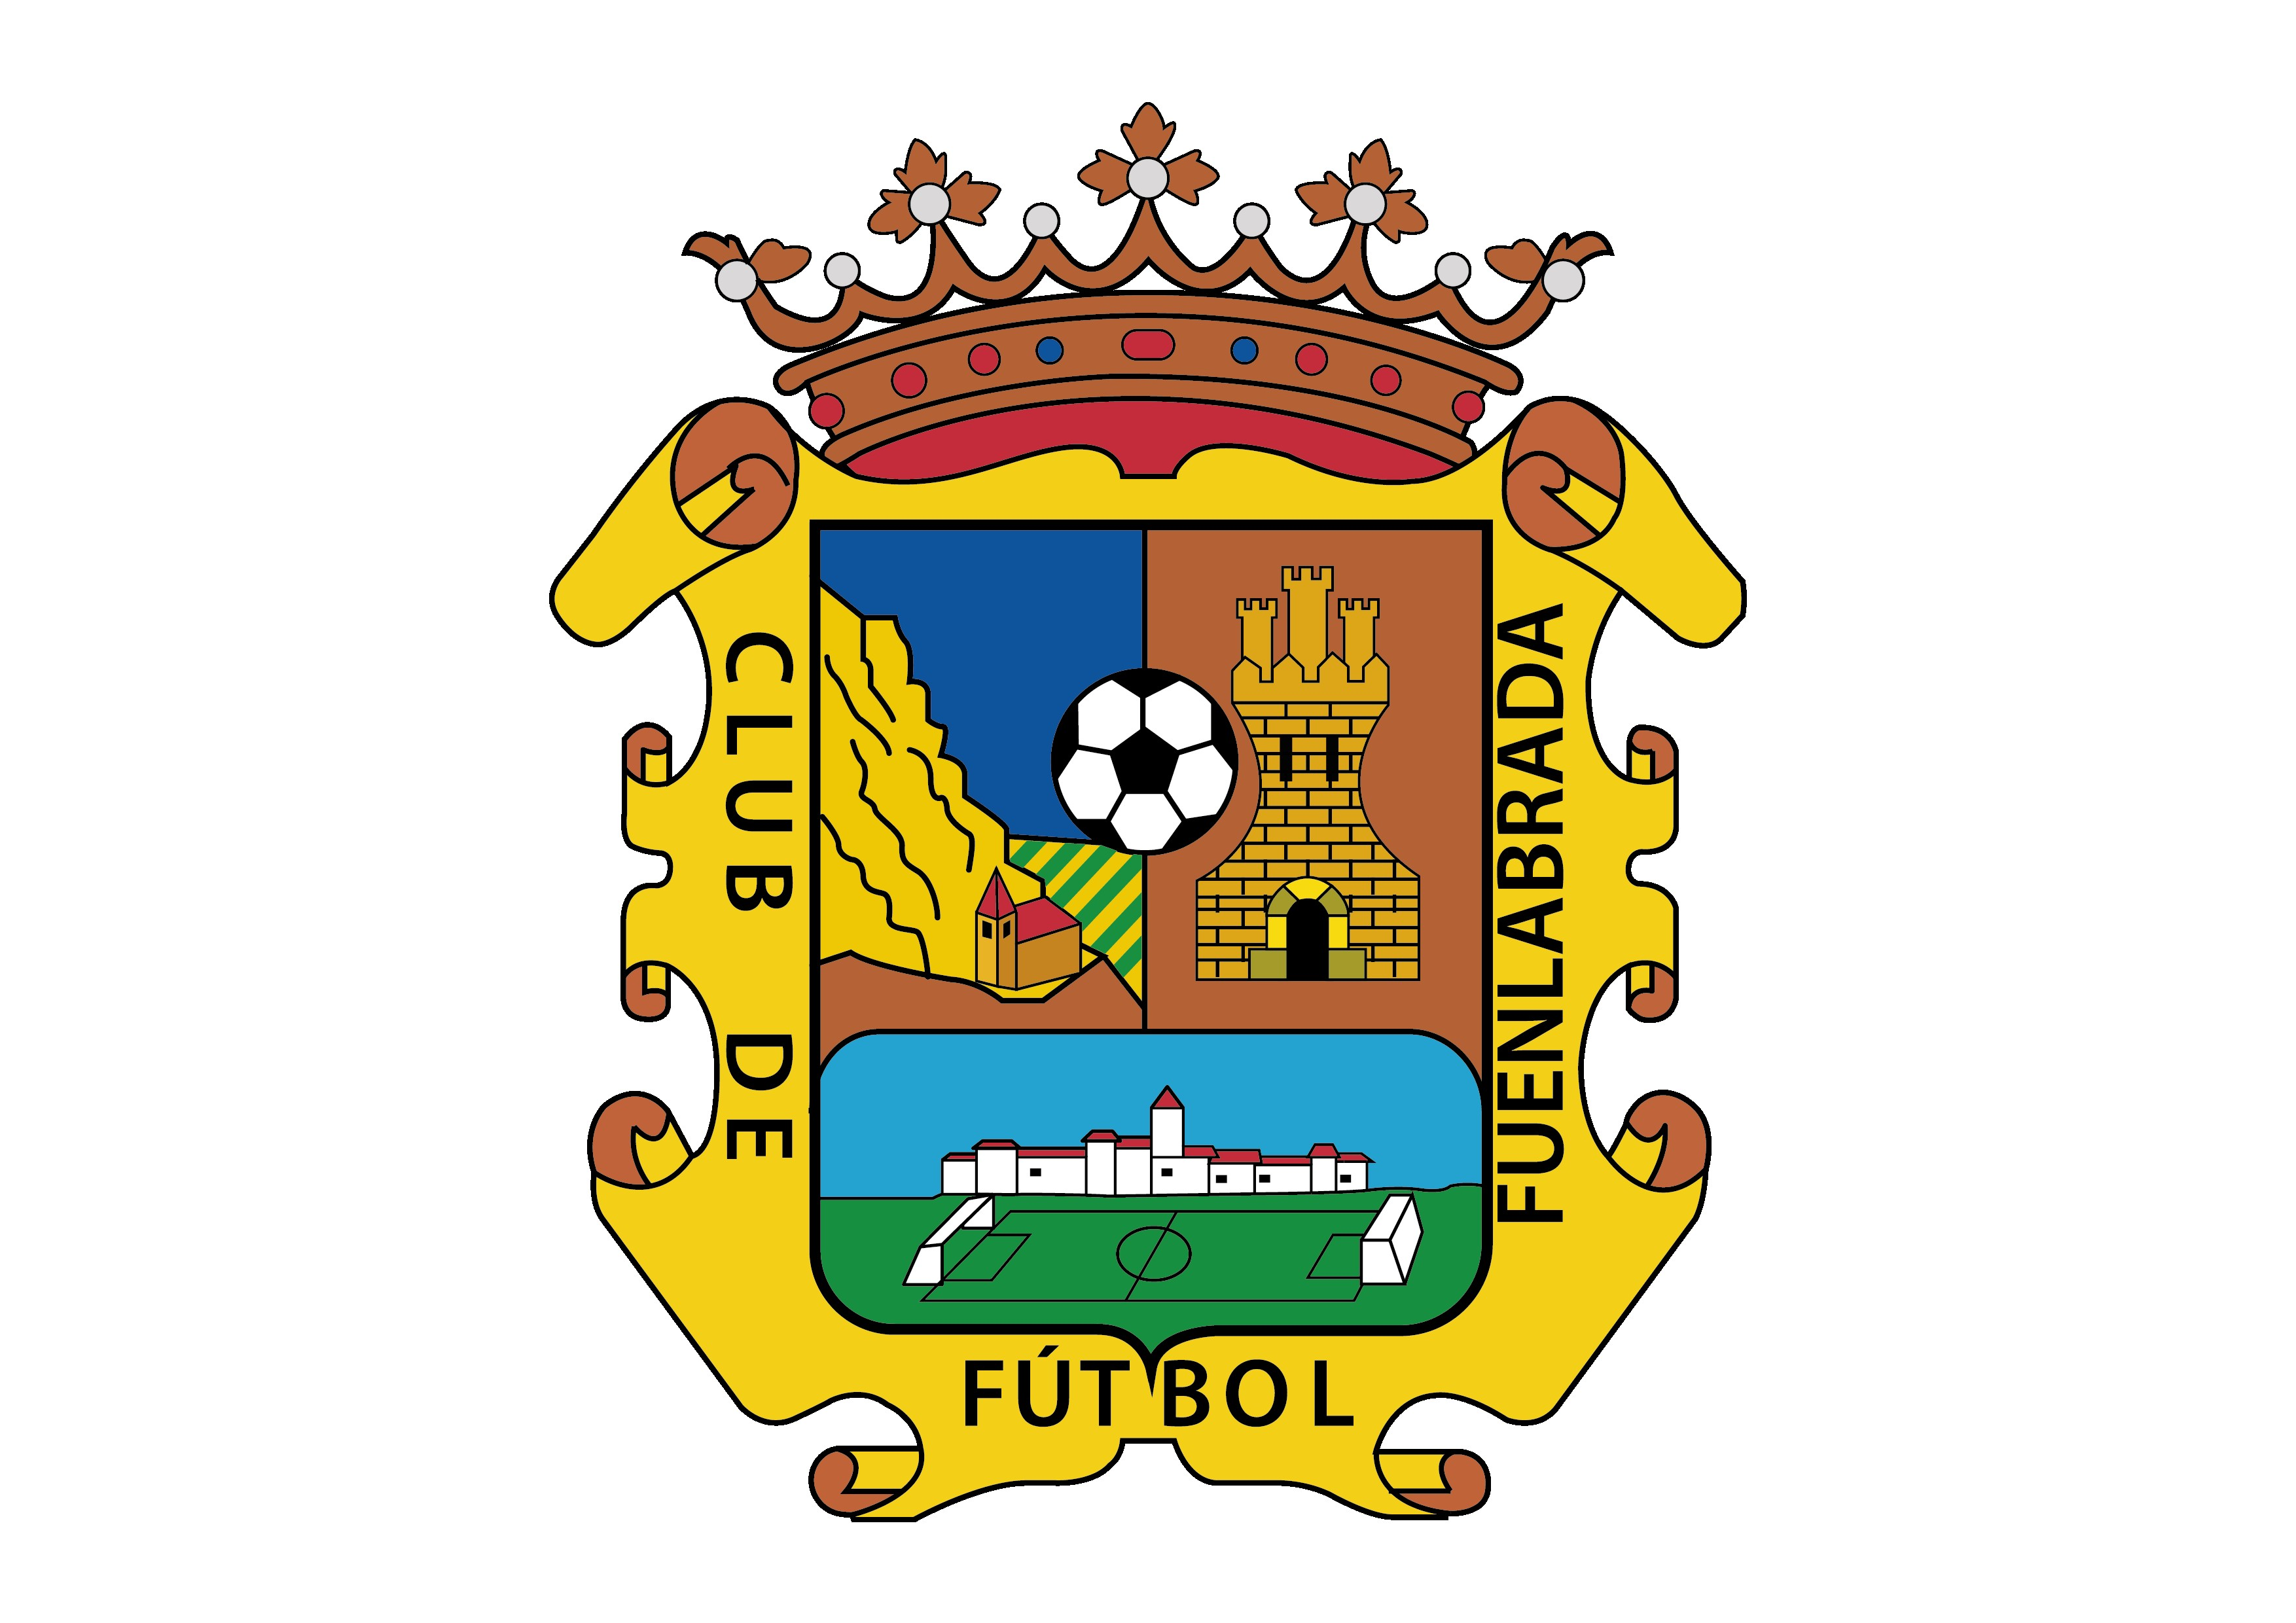 Resultados de segunda division b grupo 4 españa montenegro ...